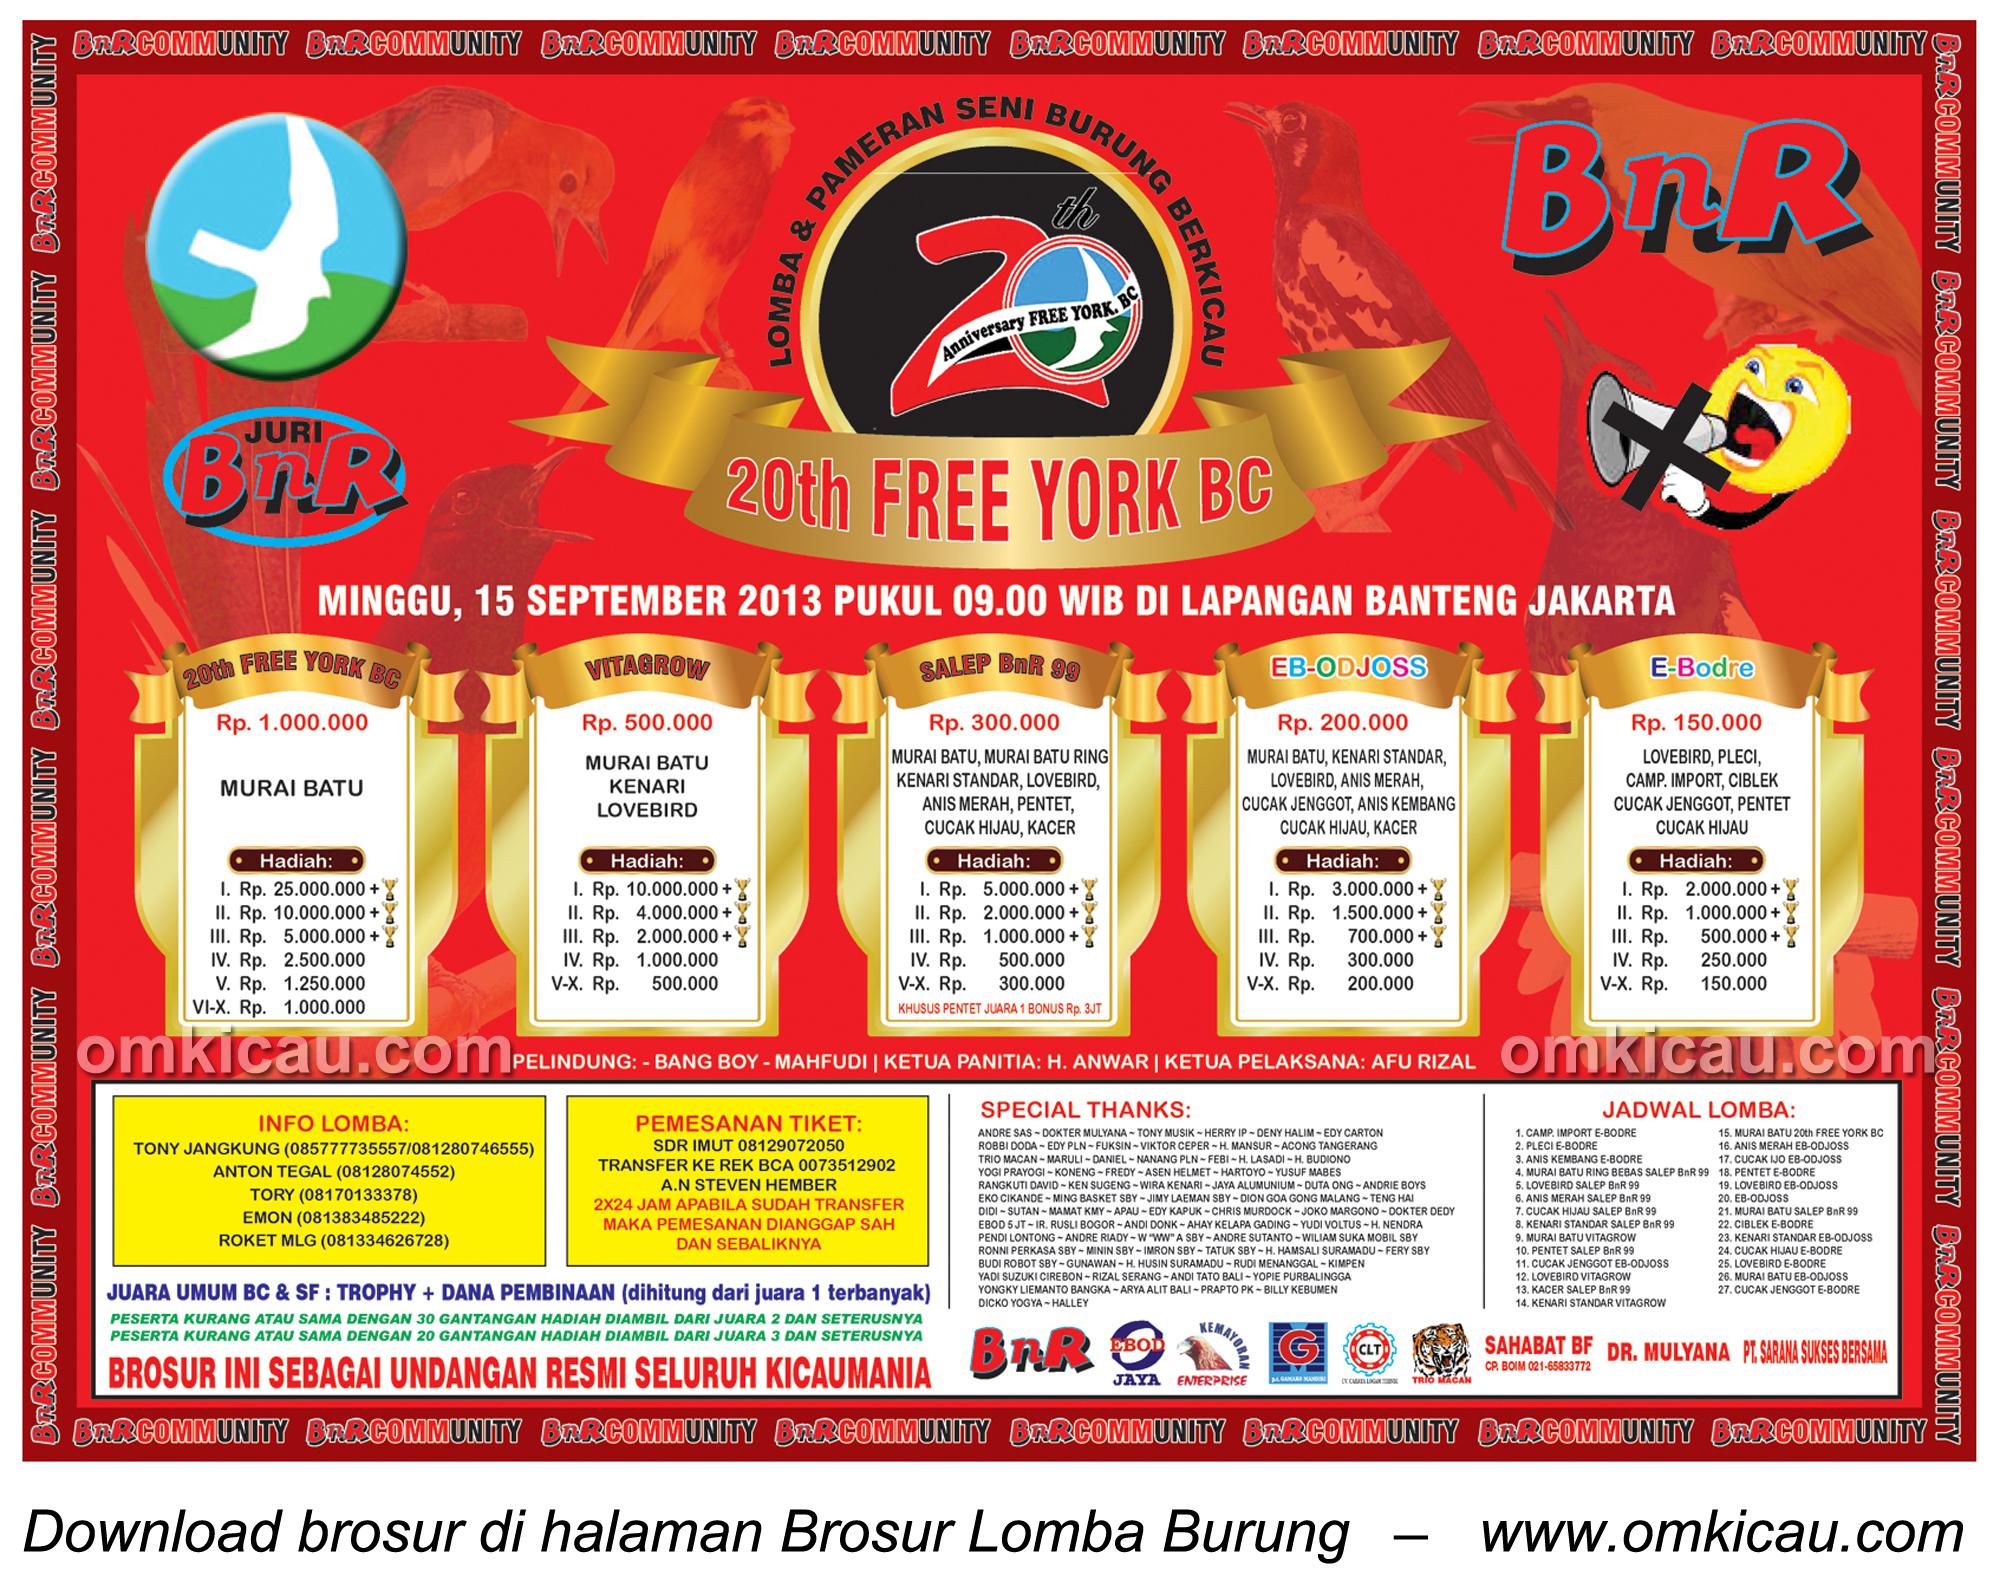 Brosur Lomba Burung 20 Tahun Free York BC 15 Sept 2013